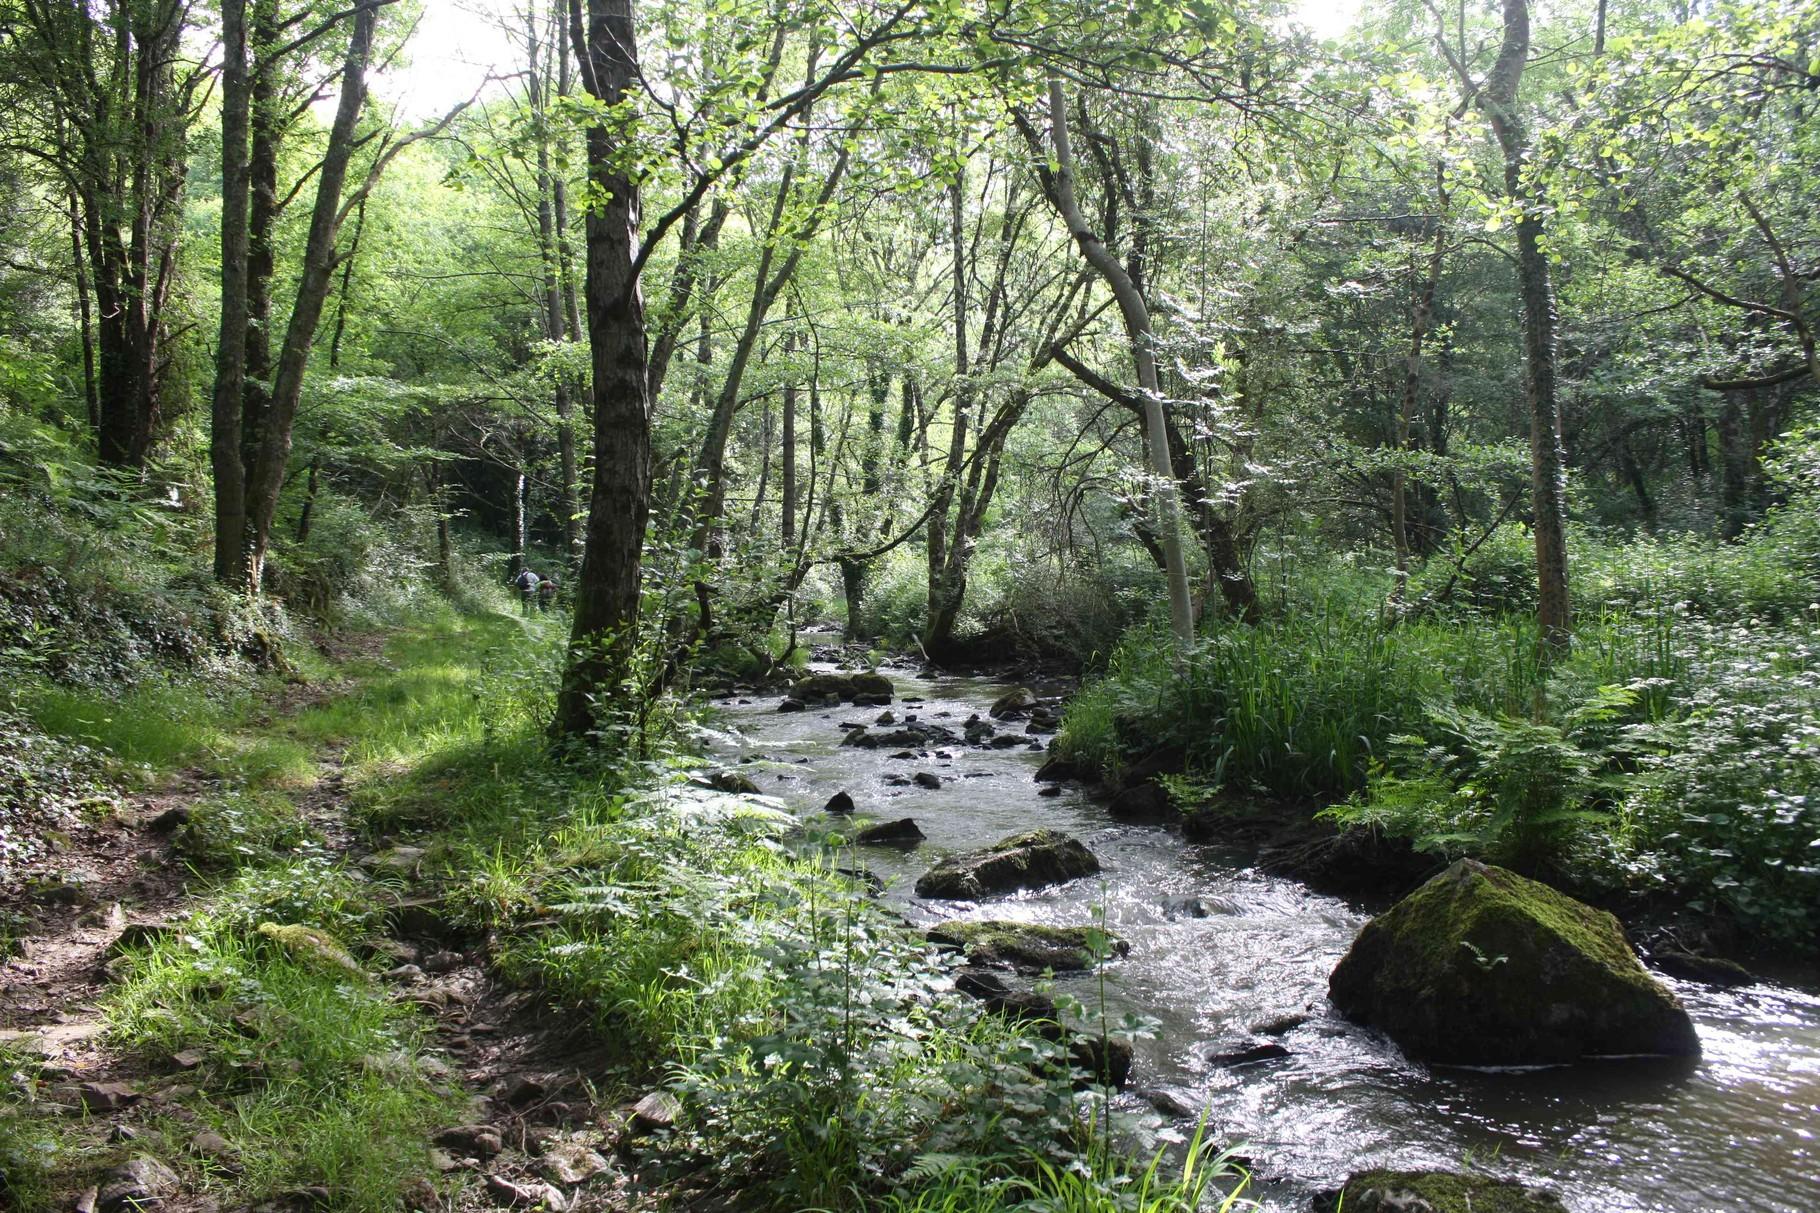 Club de randonnée de Romorantin Sologne - sortie à Chaillac dans l'Indre, vallée de la Creuse